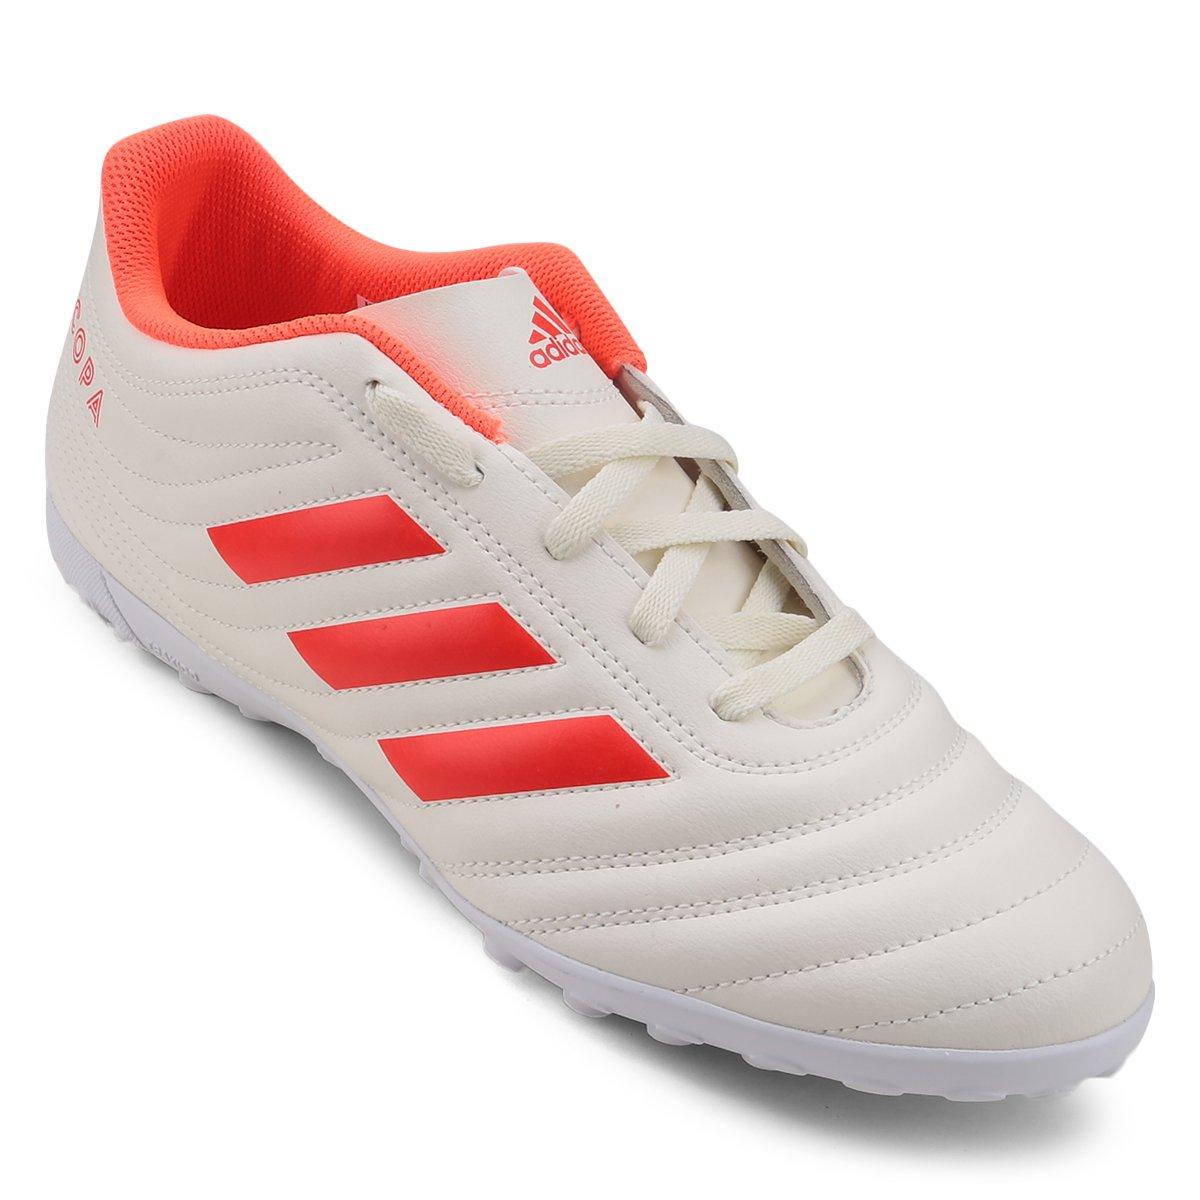 Chuteira Society Adidas Copa 19 4 TF 91a5972ae2cb7